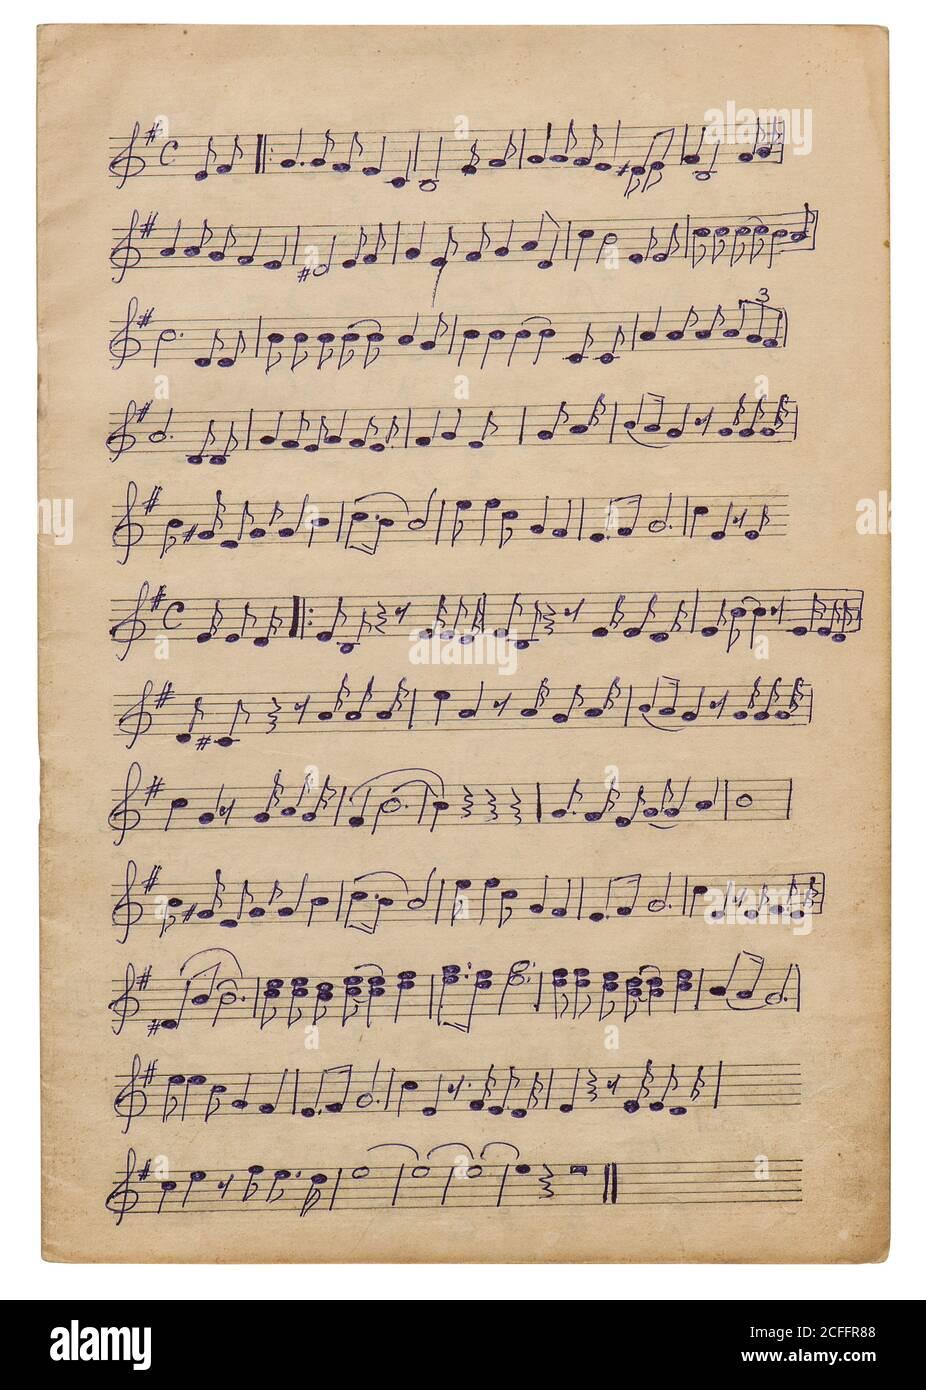 Feuille de papier avec notes de musique manuscrites. Arrière-plan de l'album, de la page découplée, de la superposition Banque D'Images